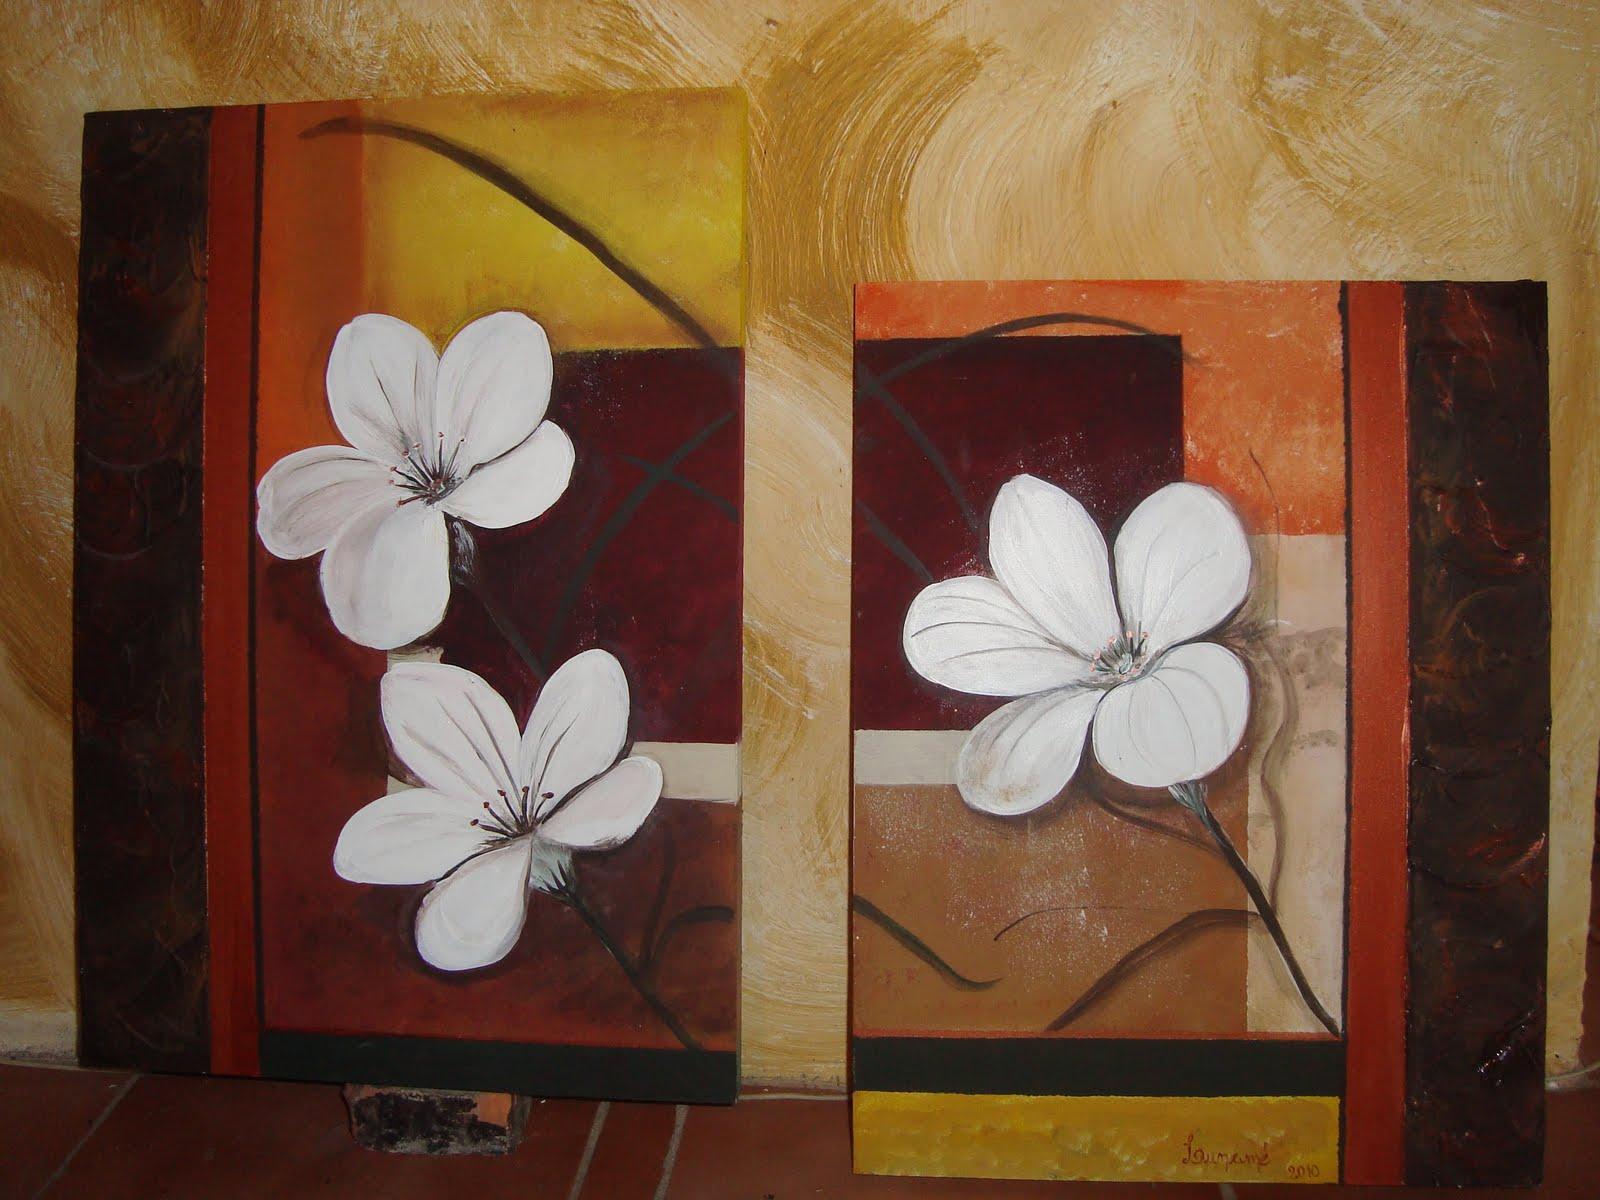 Fotos de cuadros decorativos dipticos tripticos polipticos - Cuadros de fotos ...